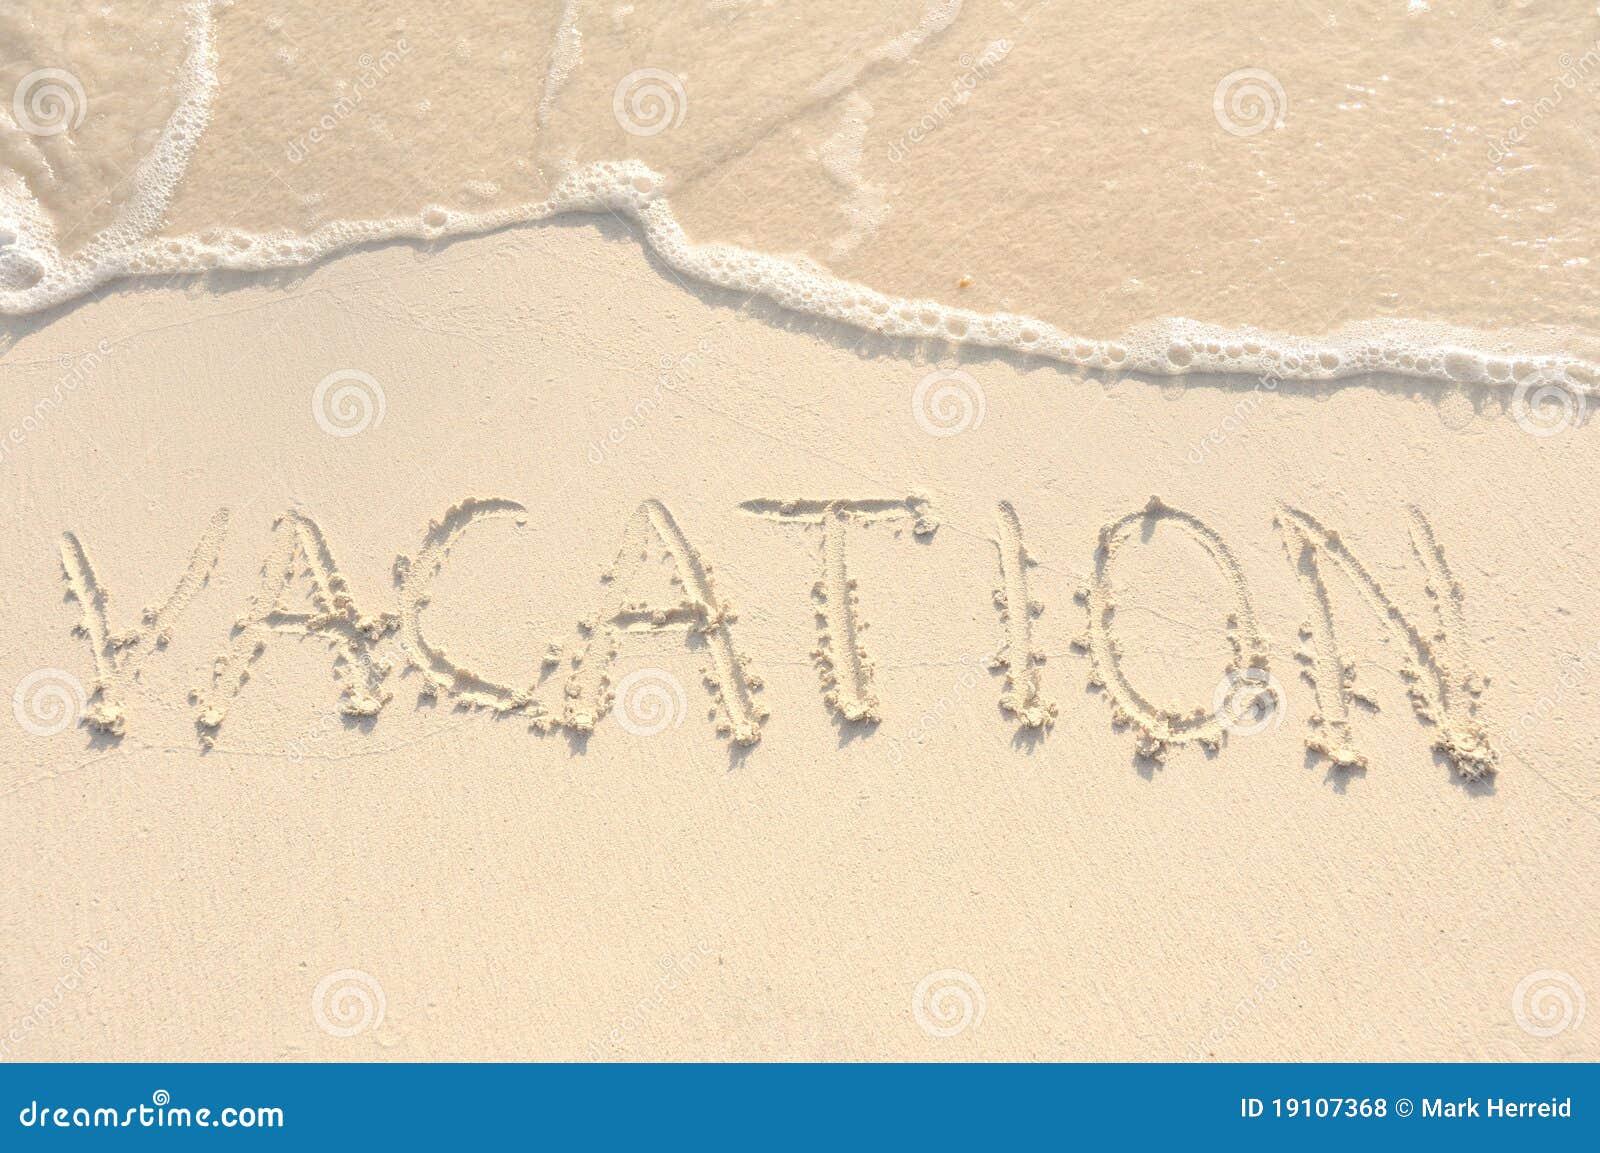 Palabras Escritas En La Arena De La: Vacaciones Escritas En Arena En La Playa Fotos De Archivo